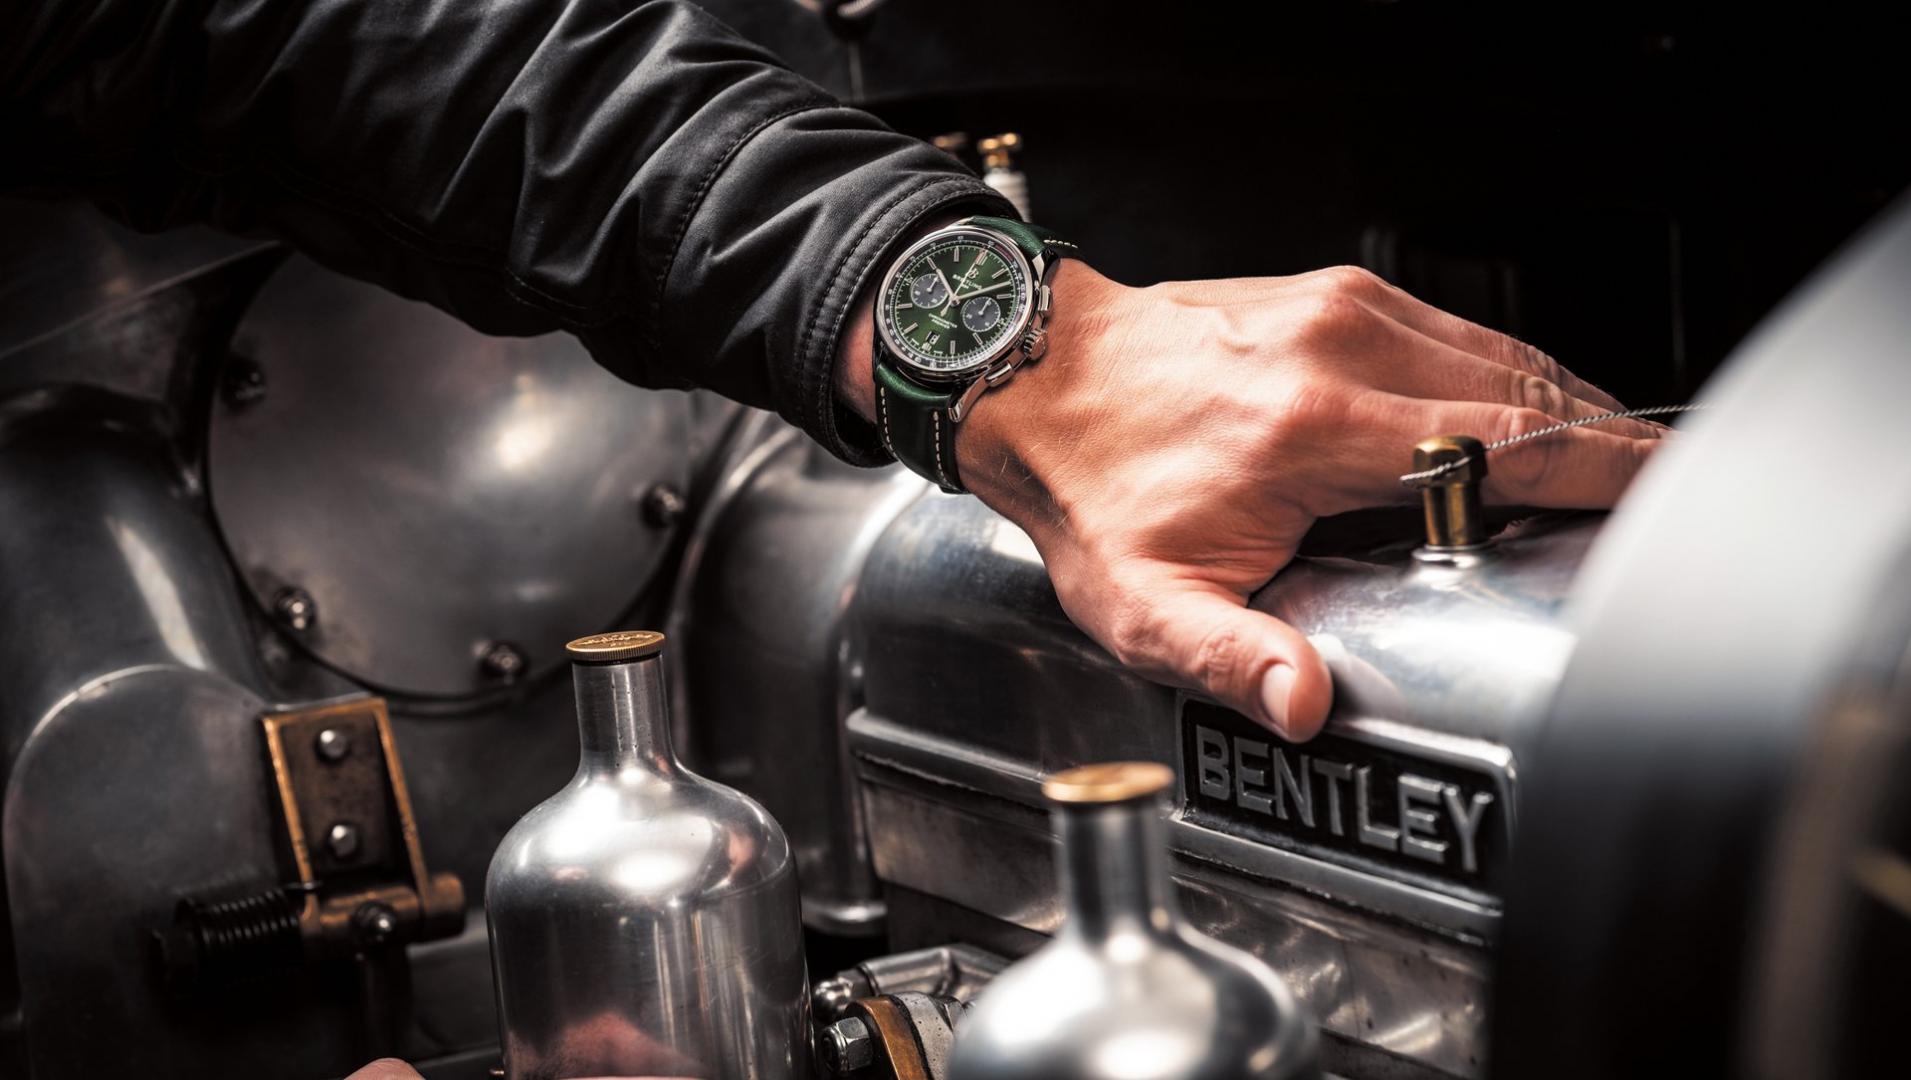 Bentley horloge van Breitling